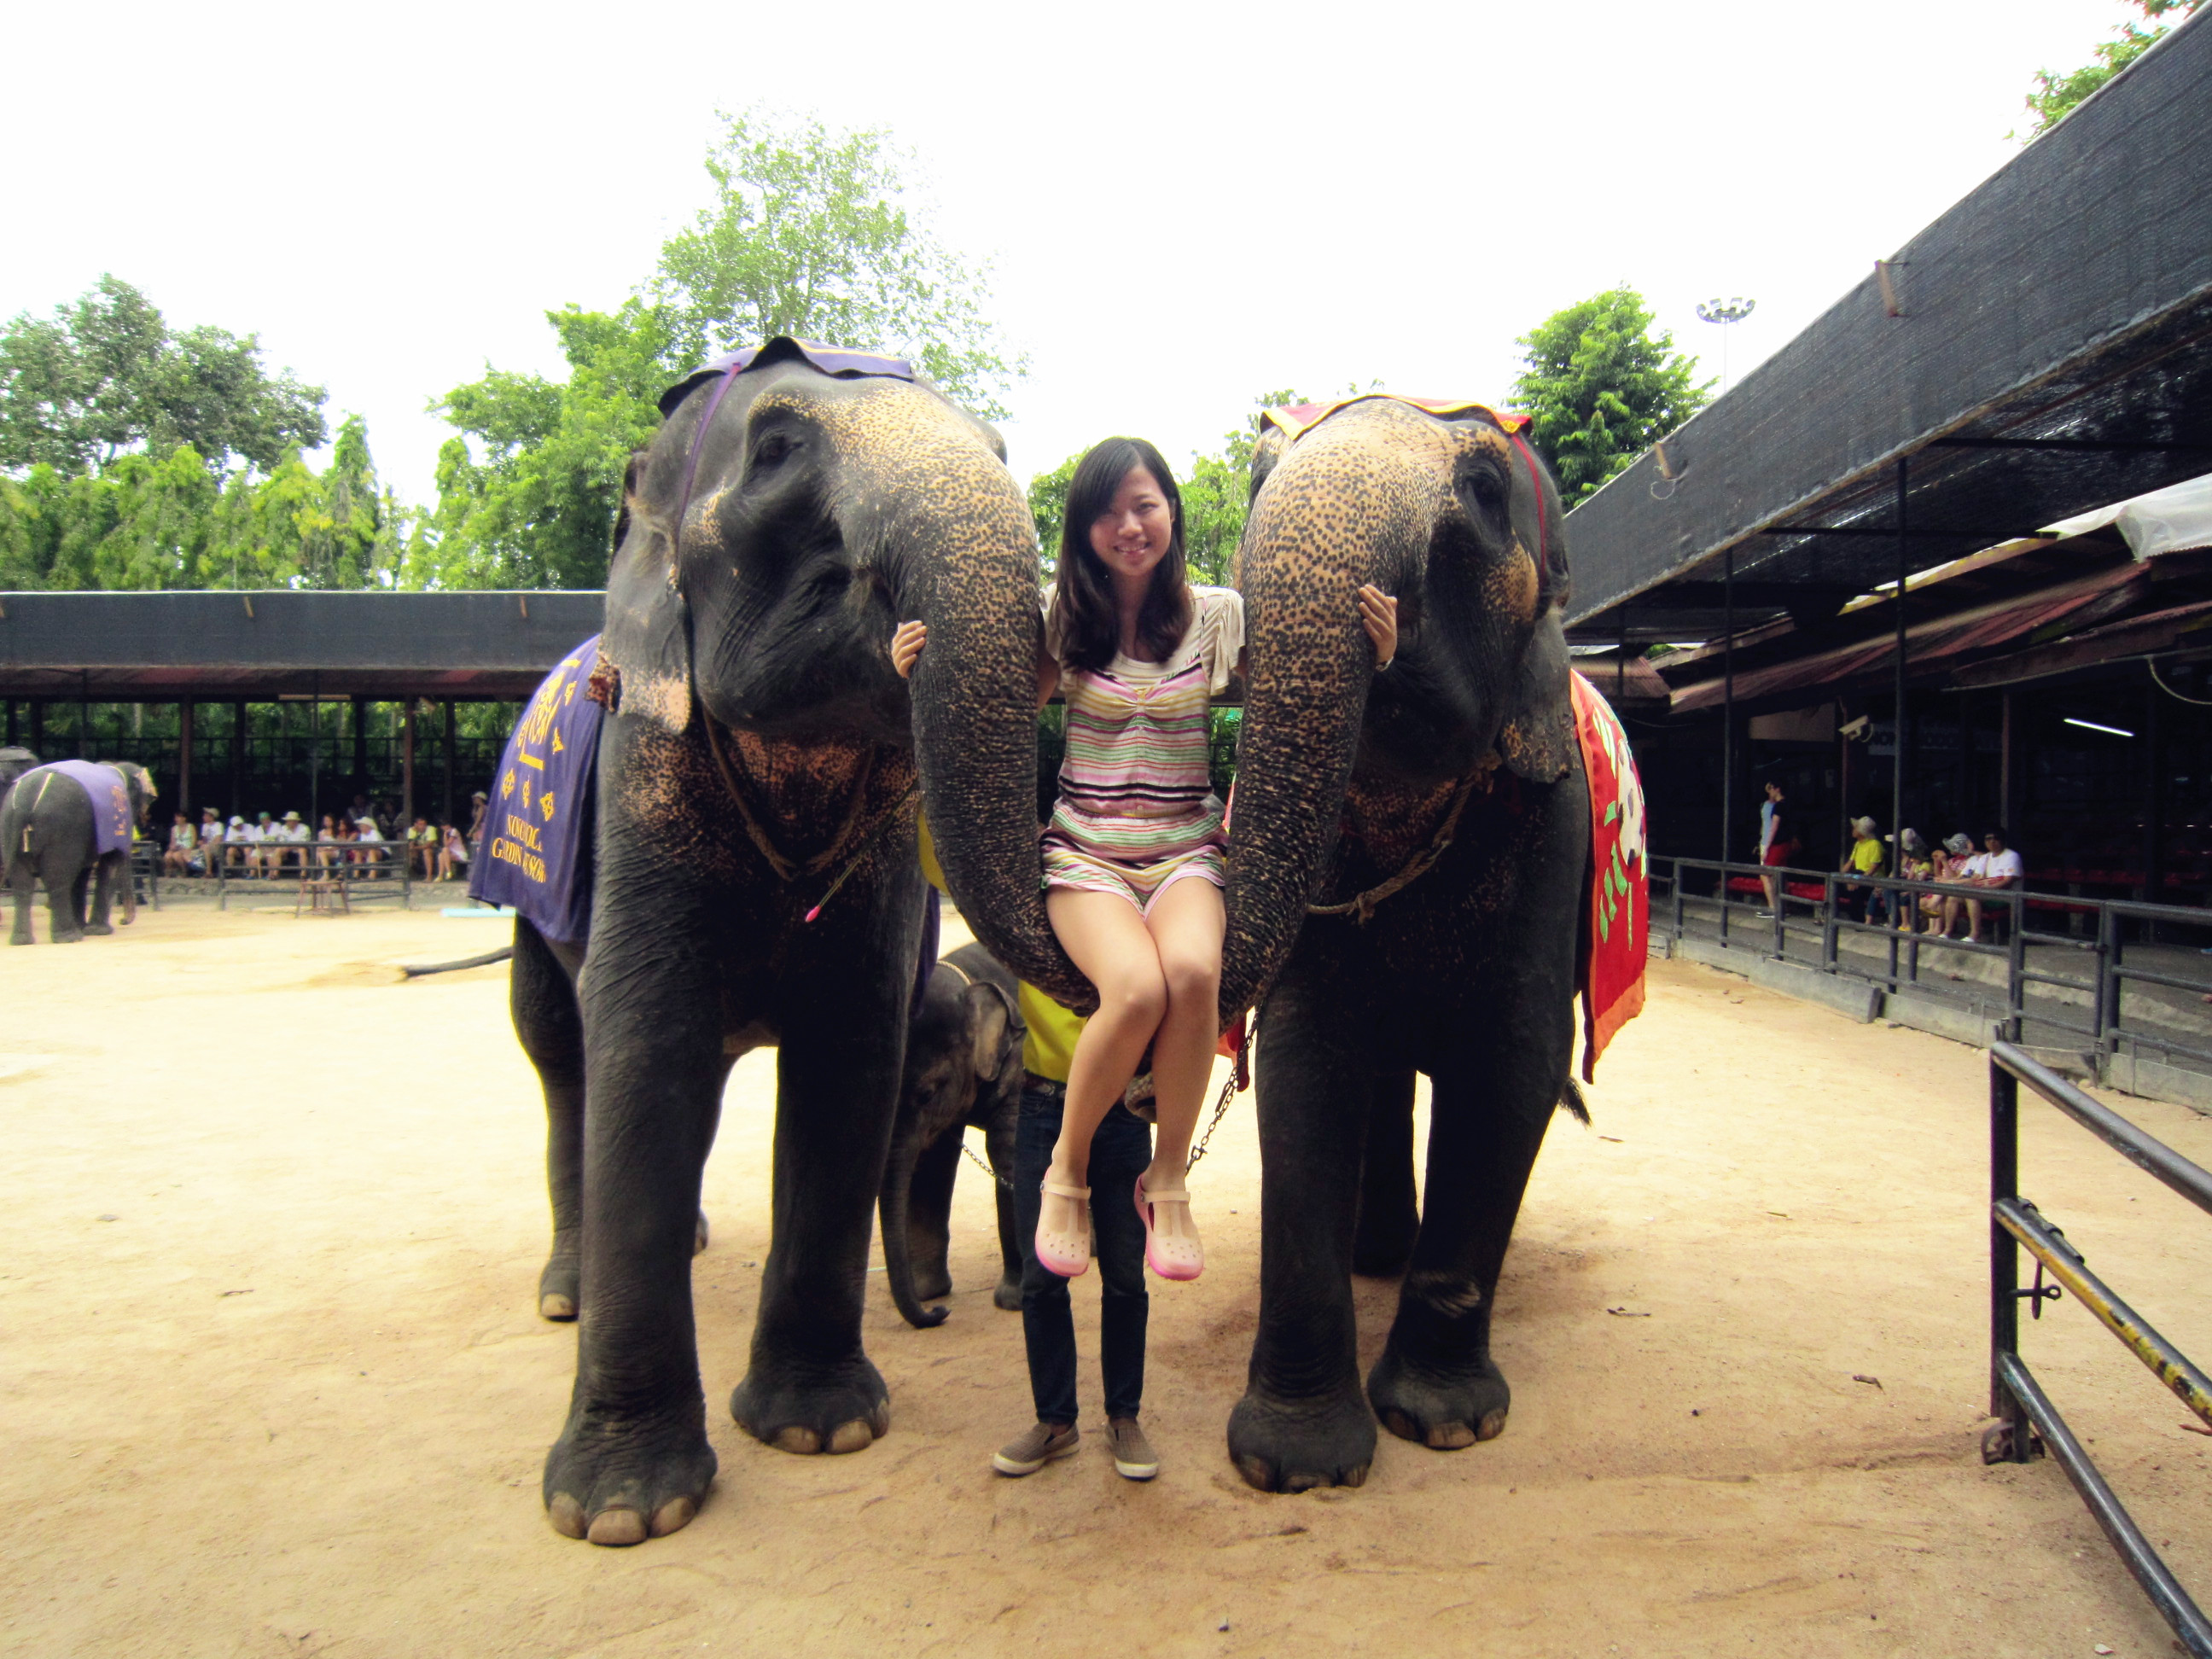 大象 动物 2592_1944